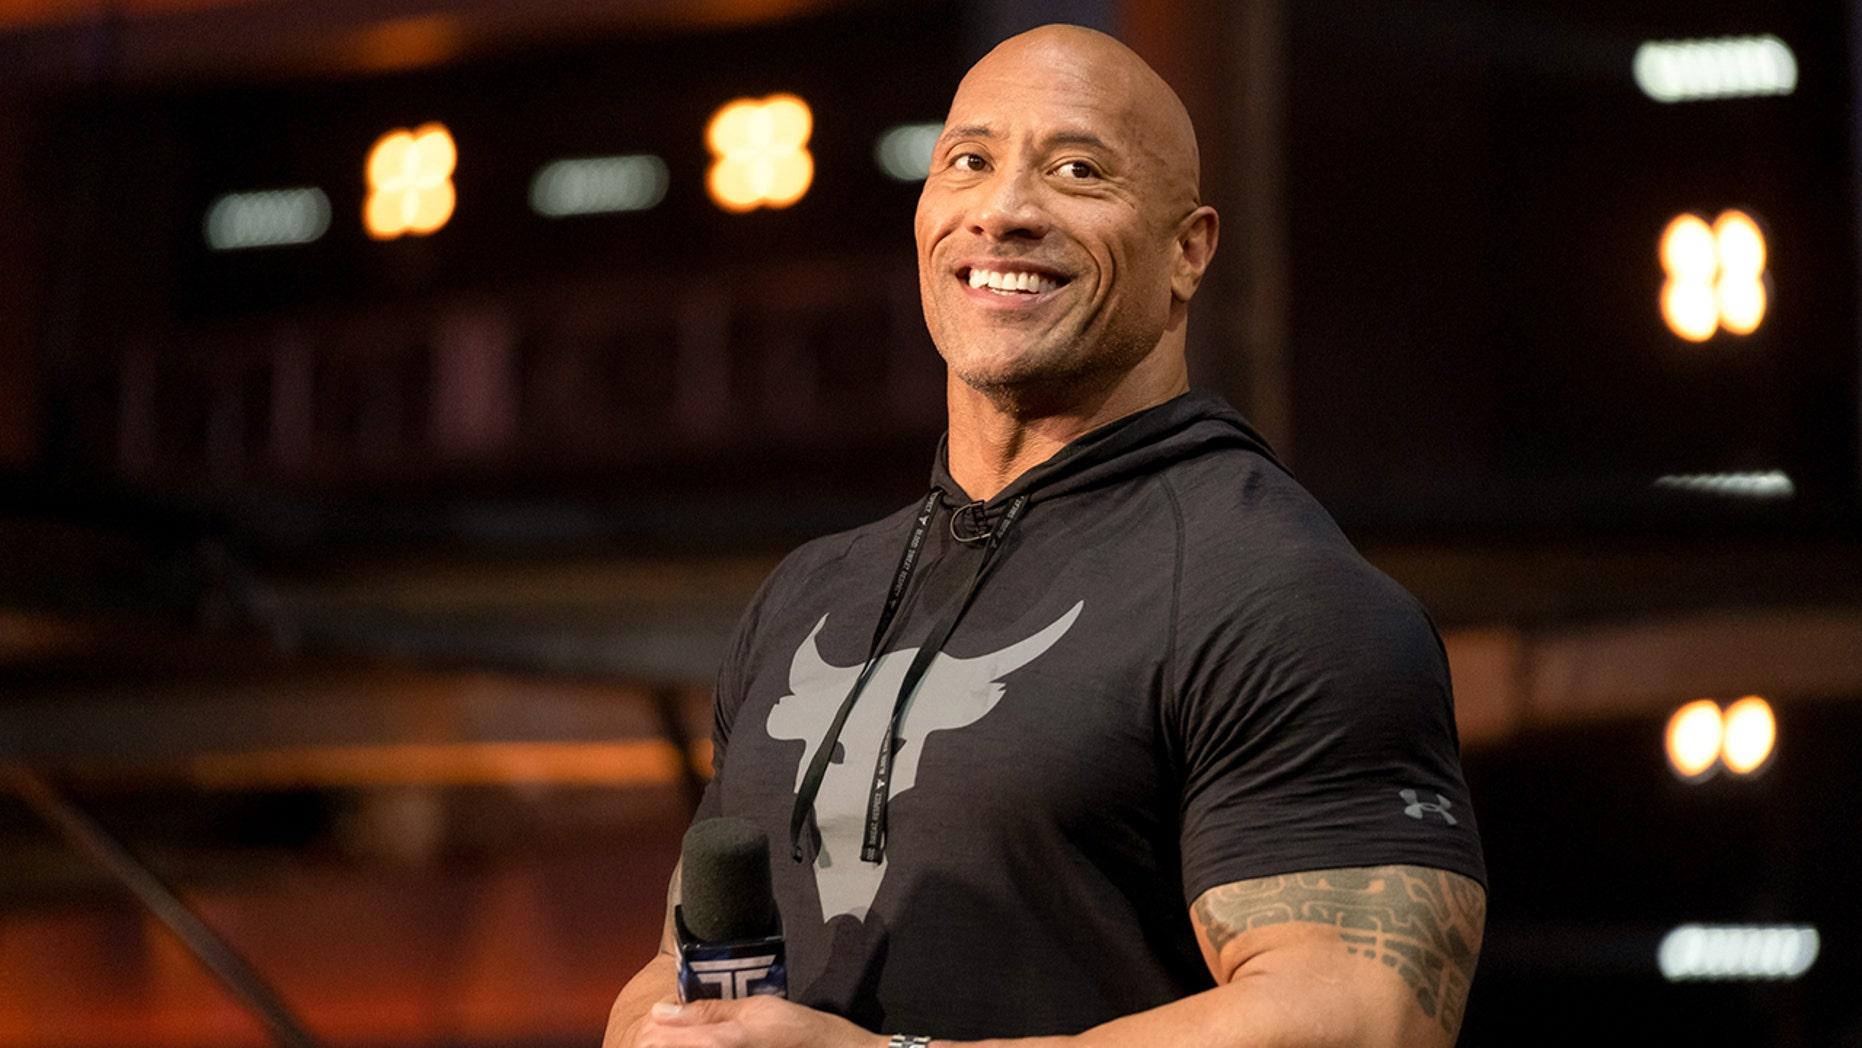 Dwayne 'The Rock' Johnson sofre lesão no rosto durante o treino: 'As coisas ficam extremamente intensas' 1